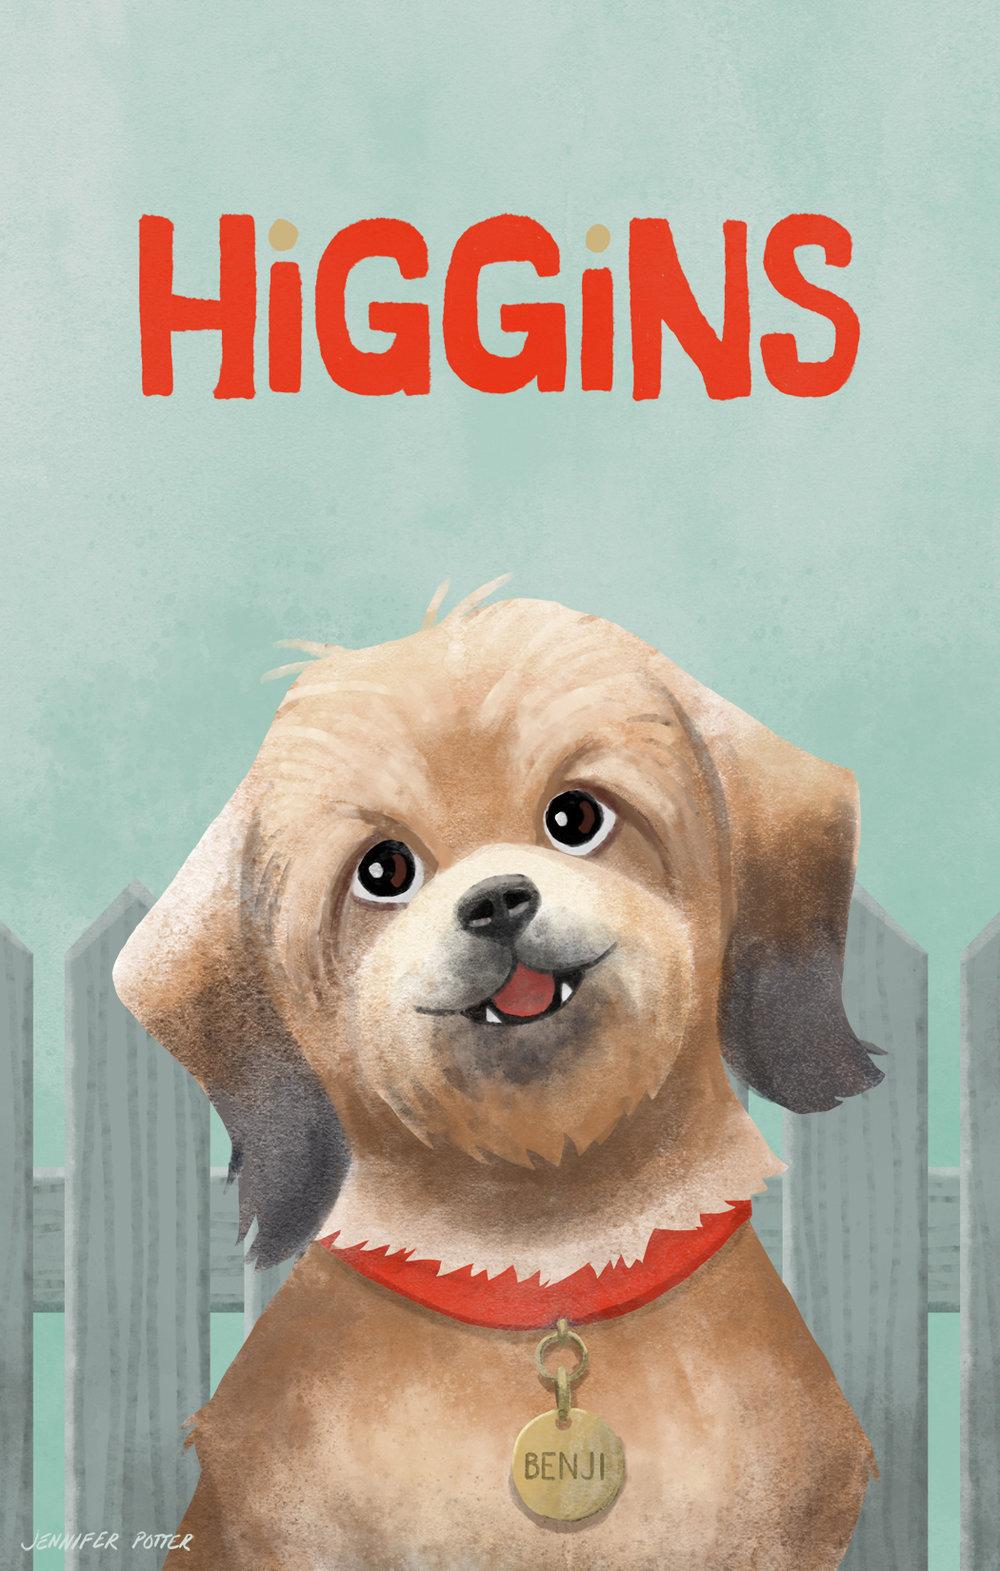 09-higgins-5x7-FINAL.jpg